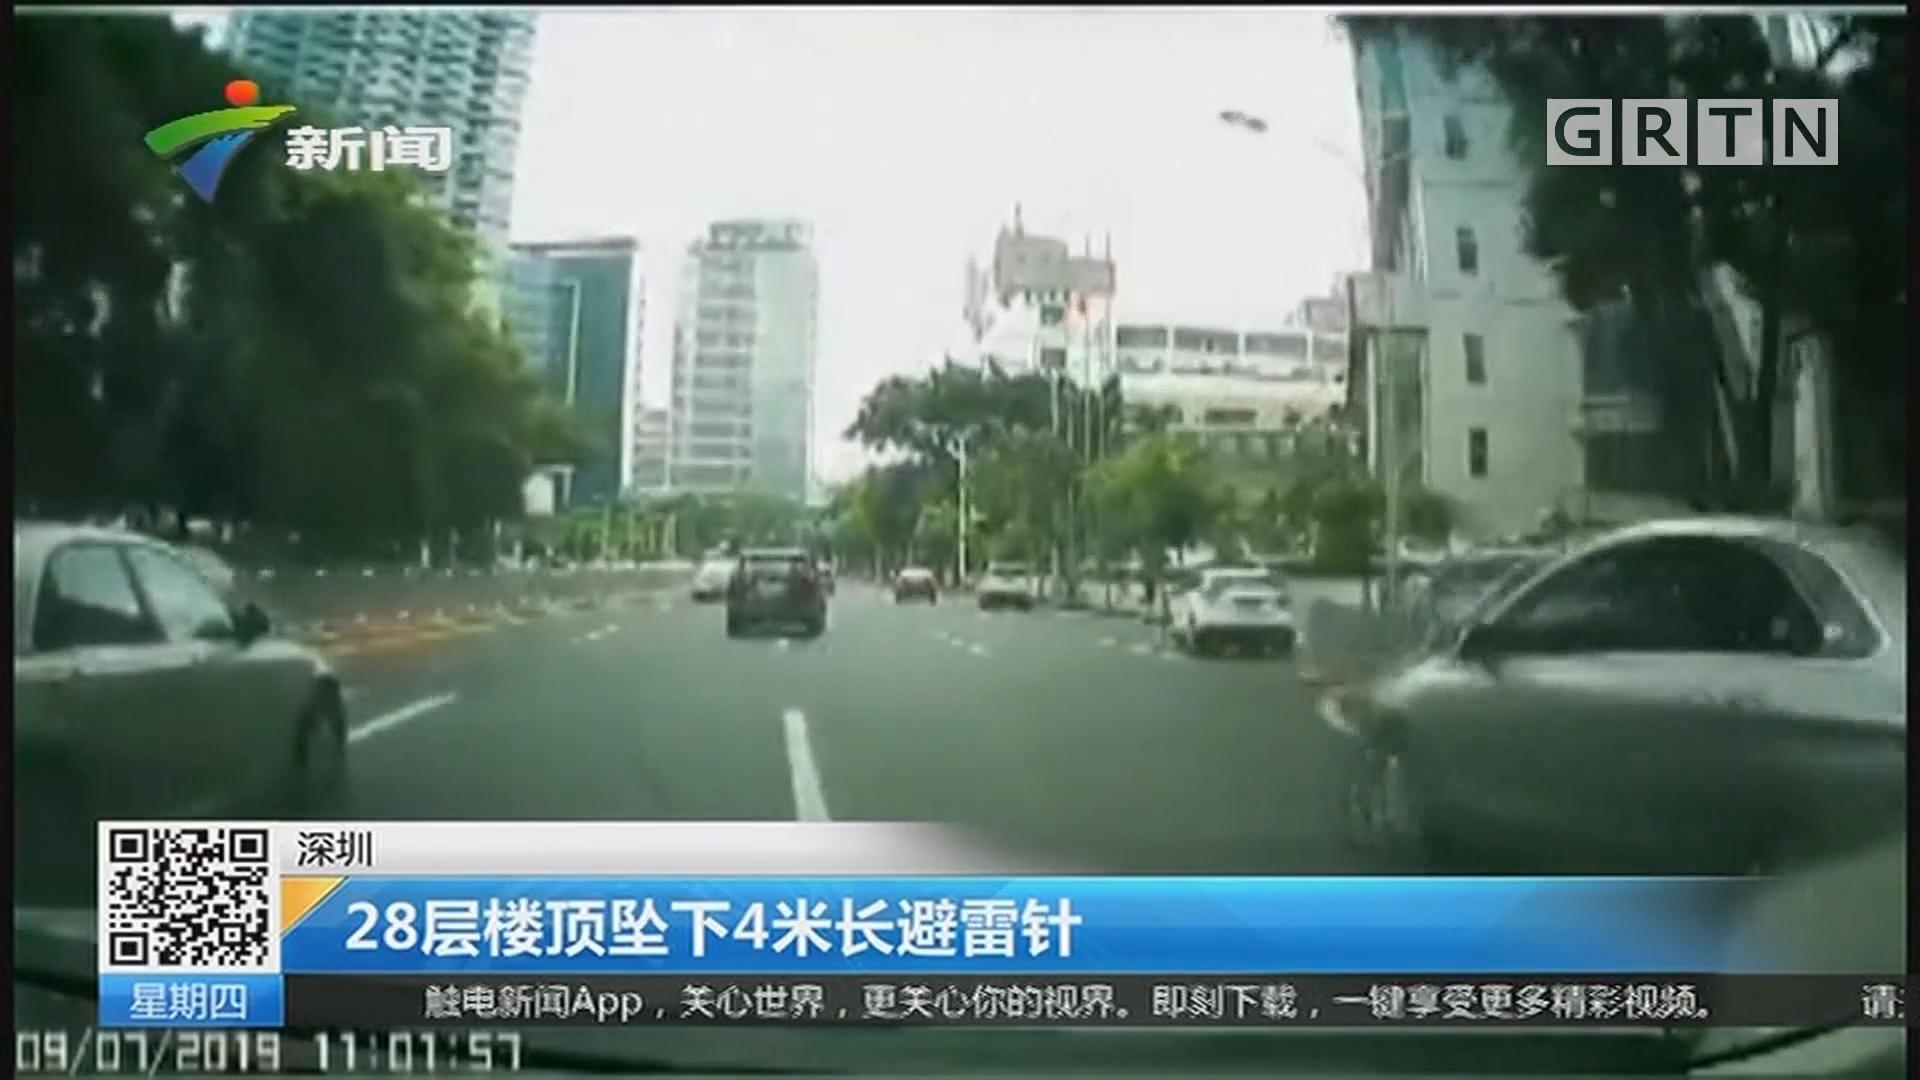 深圳:28层楼顶坠下4米长避雷针